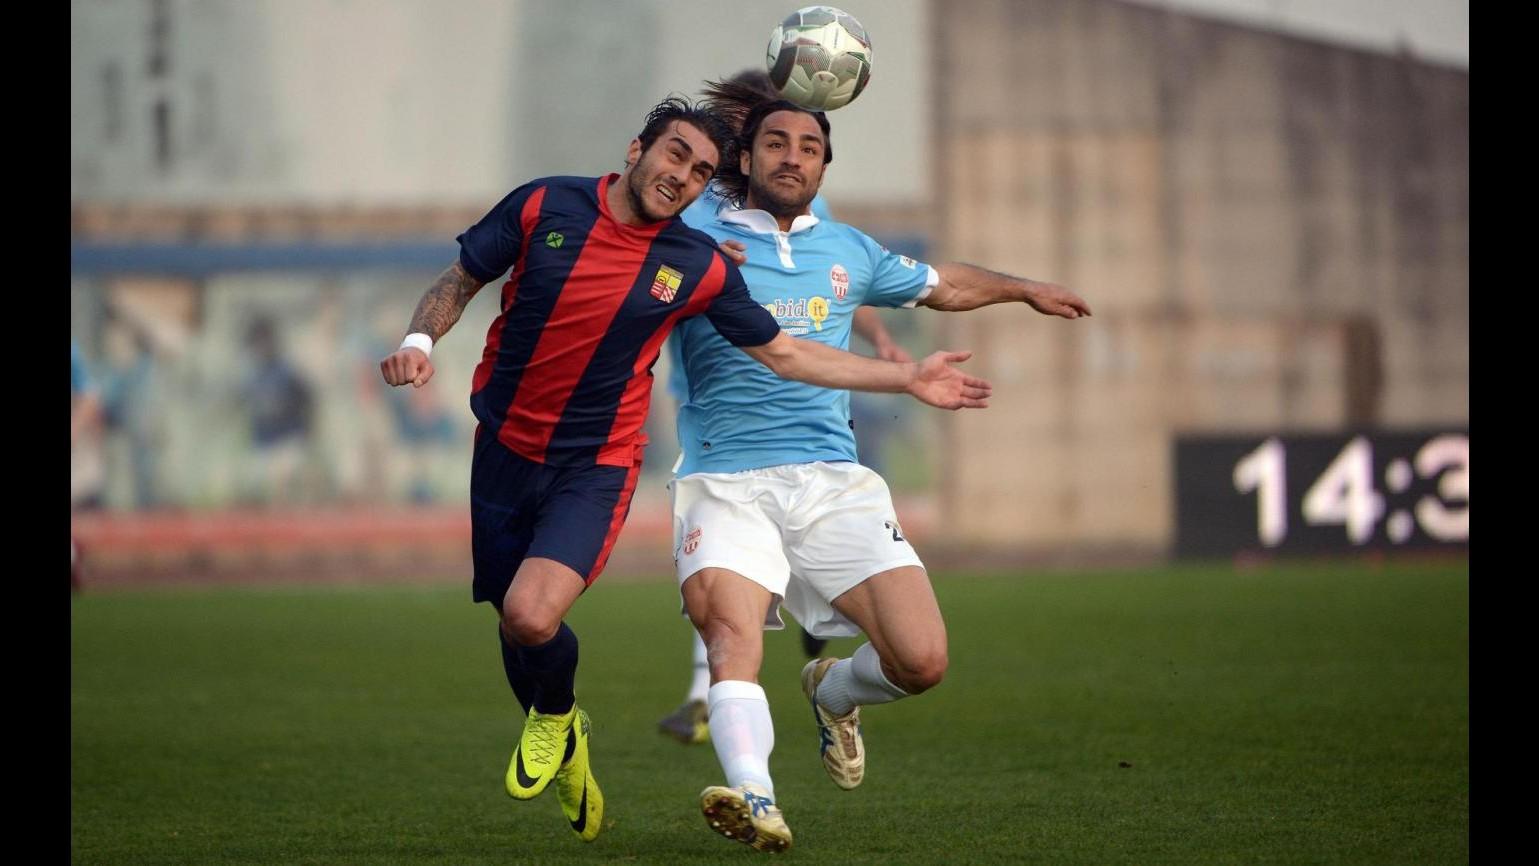 FOTO Lega Pro, Lumezzane-Maceratese finisce 1-1